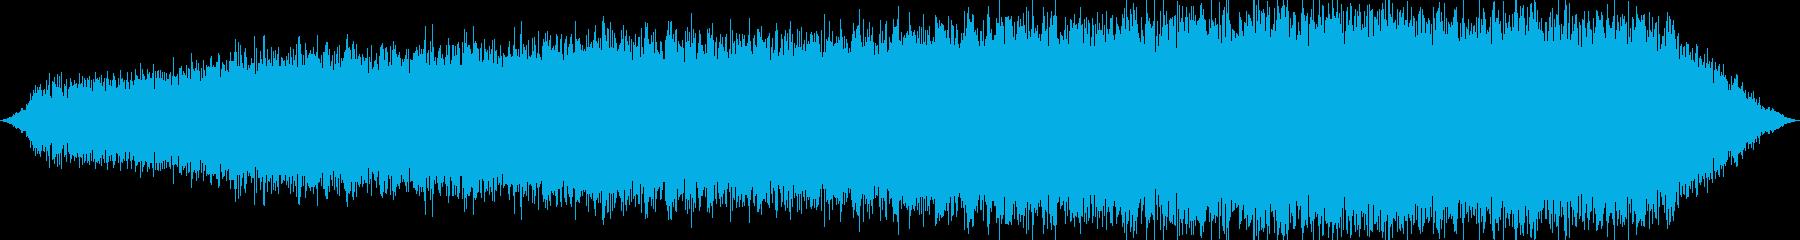 未知の世界をイメージしたBGMの再生済みの波形